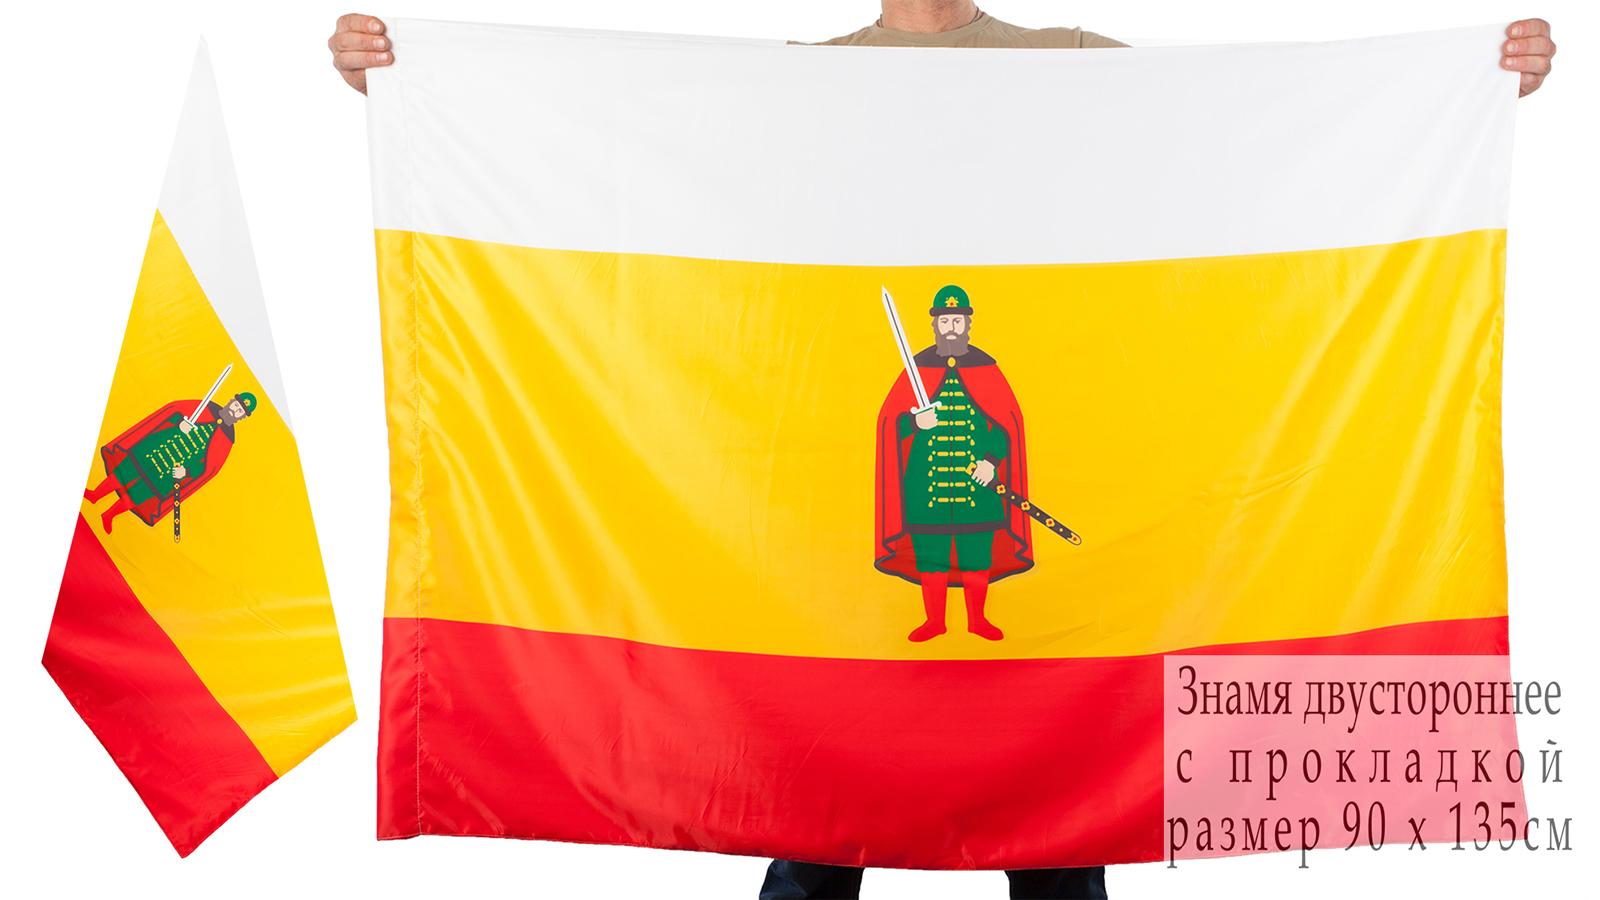 Двухсторонний флаг Рязанской области